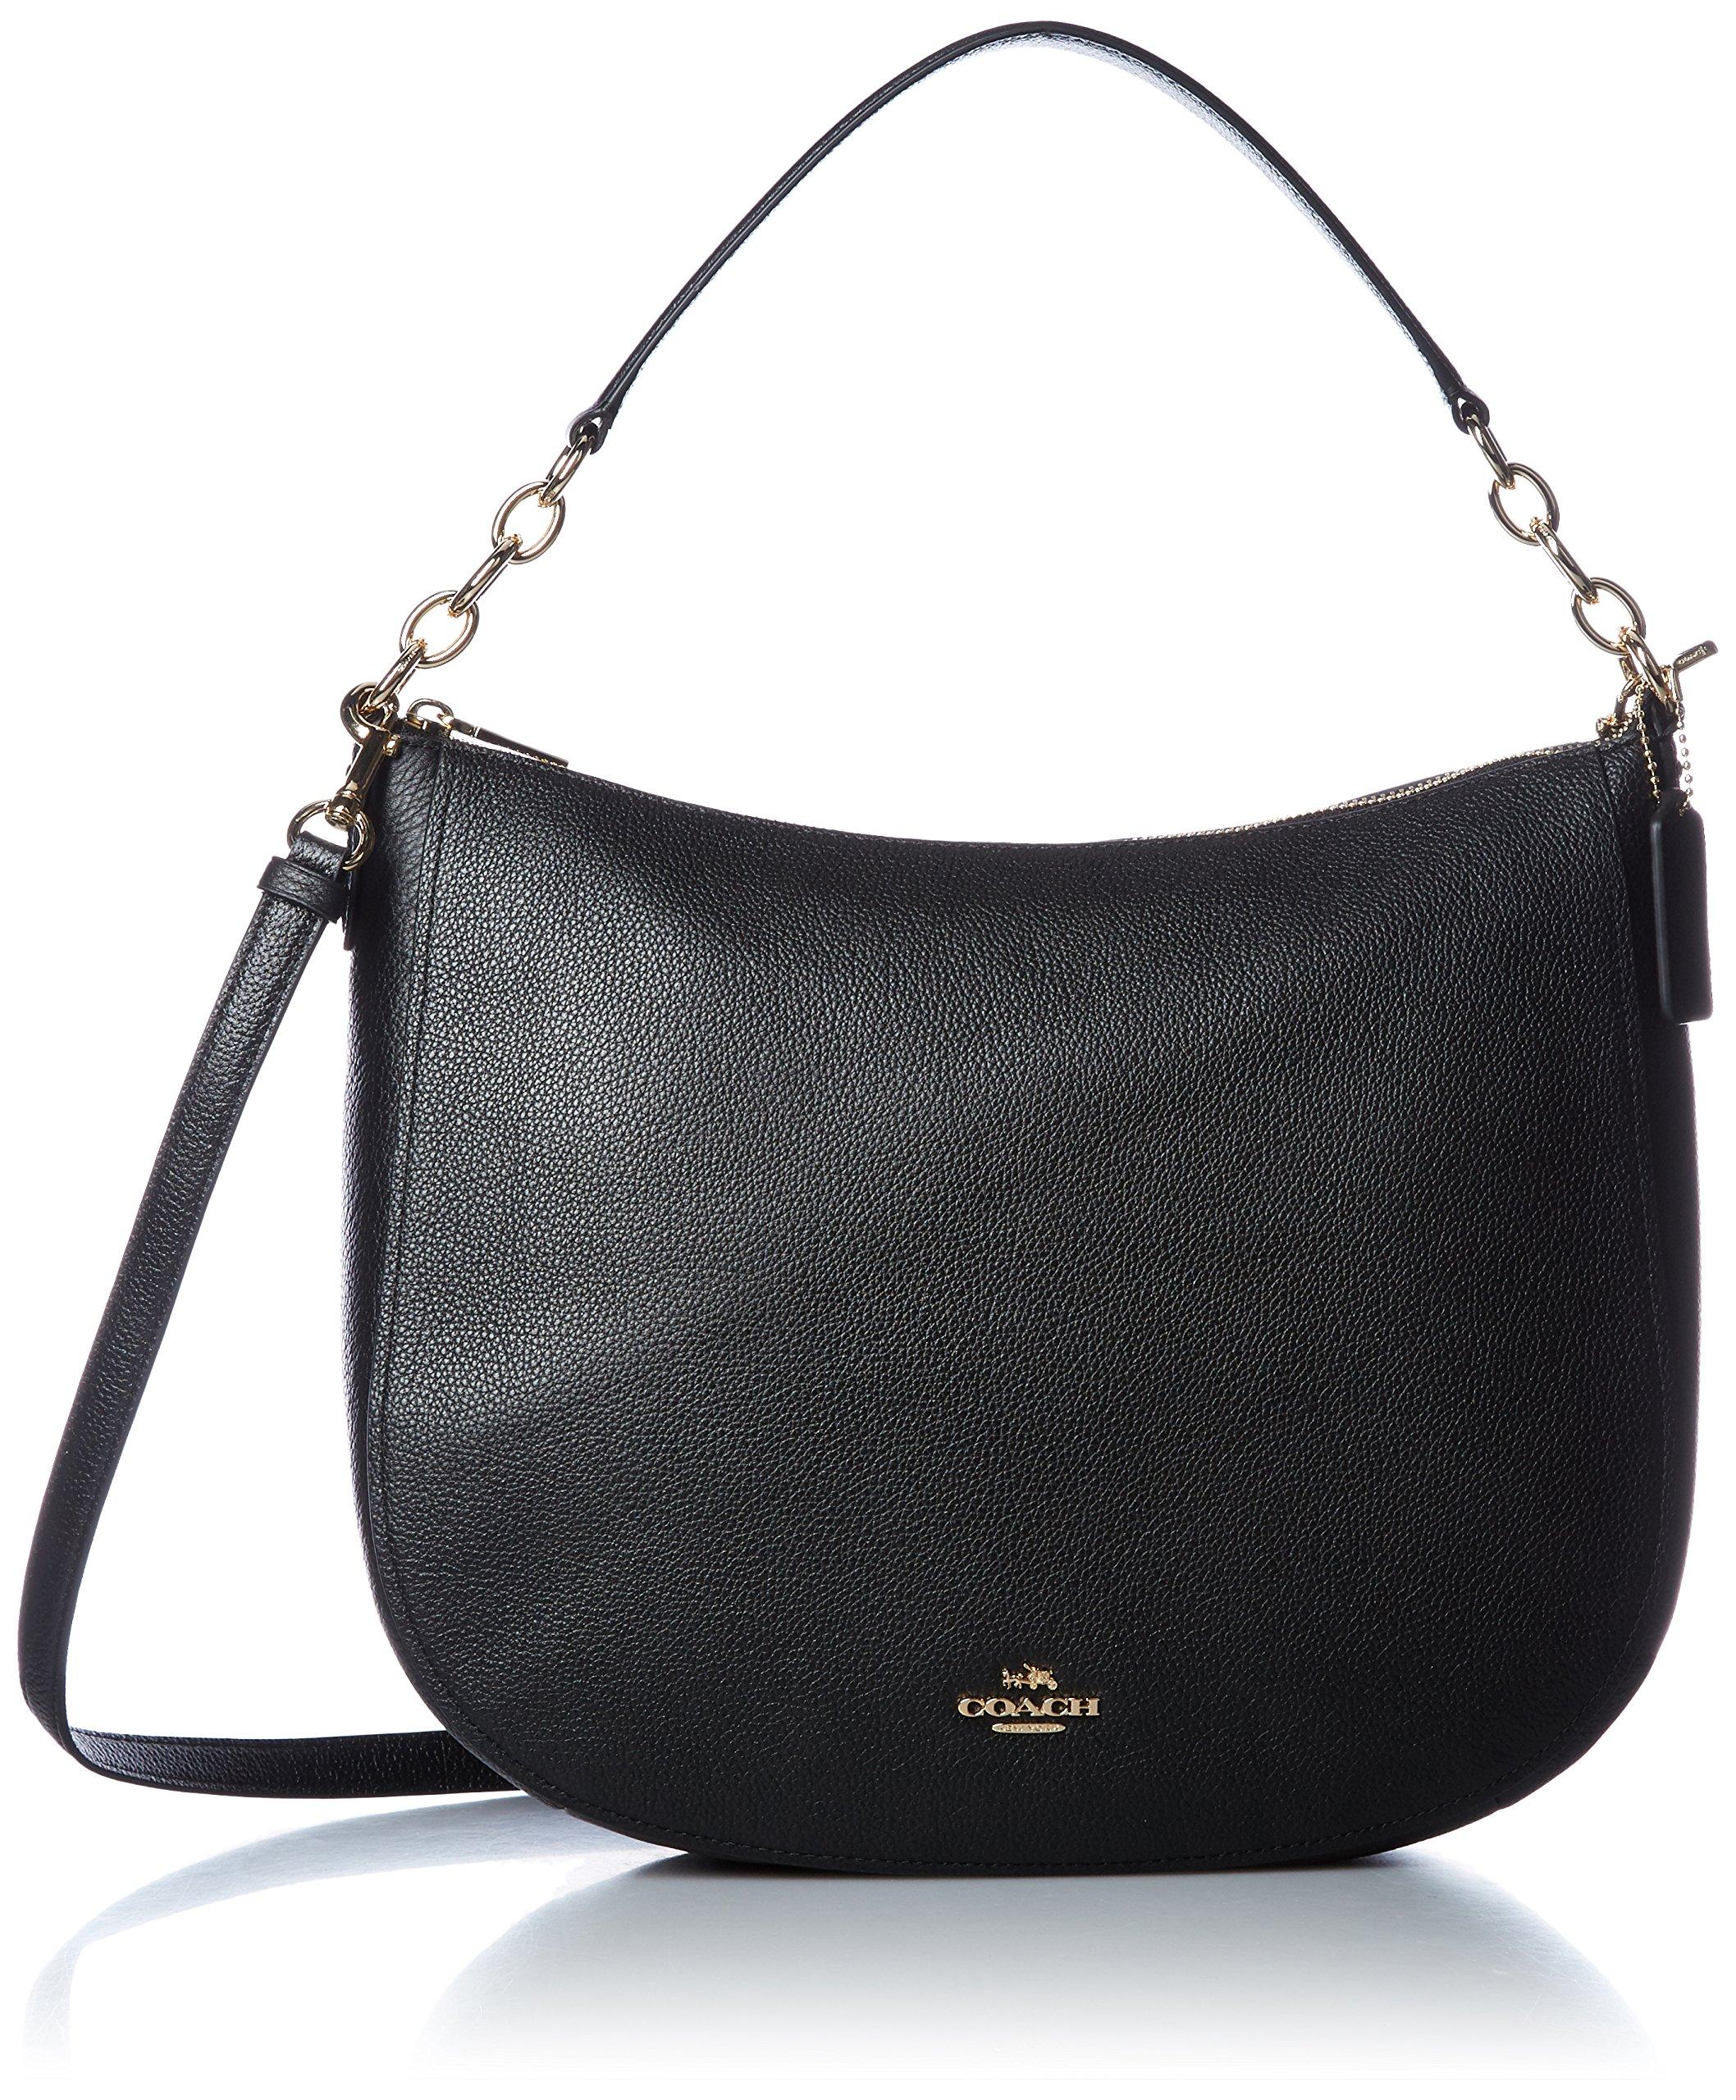 COACH Women's Polished Pebbled Leather Chelsea 32 Hobo Li/Black Handbag